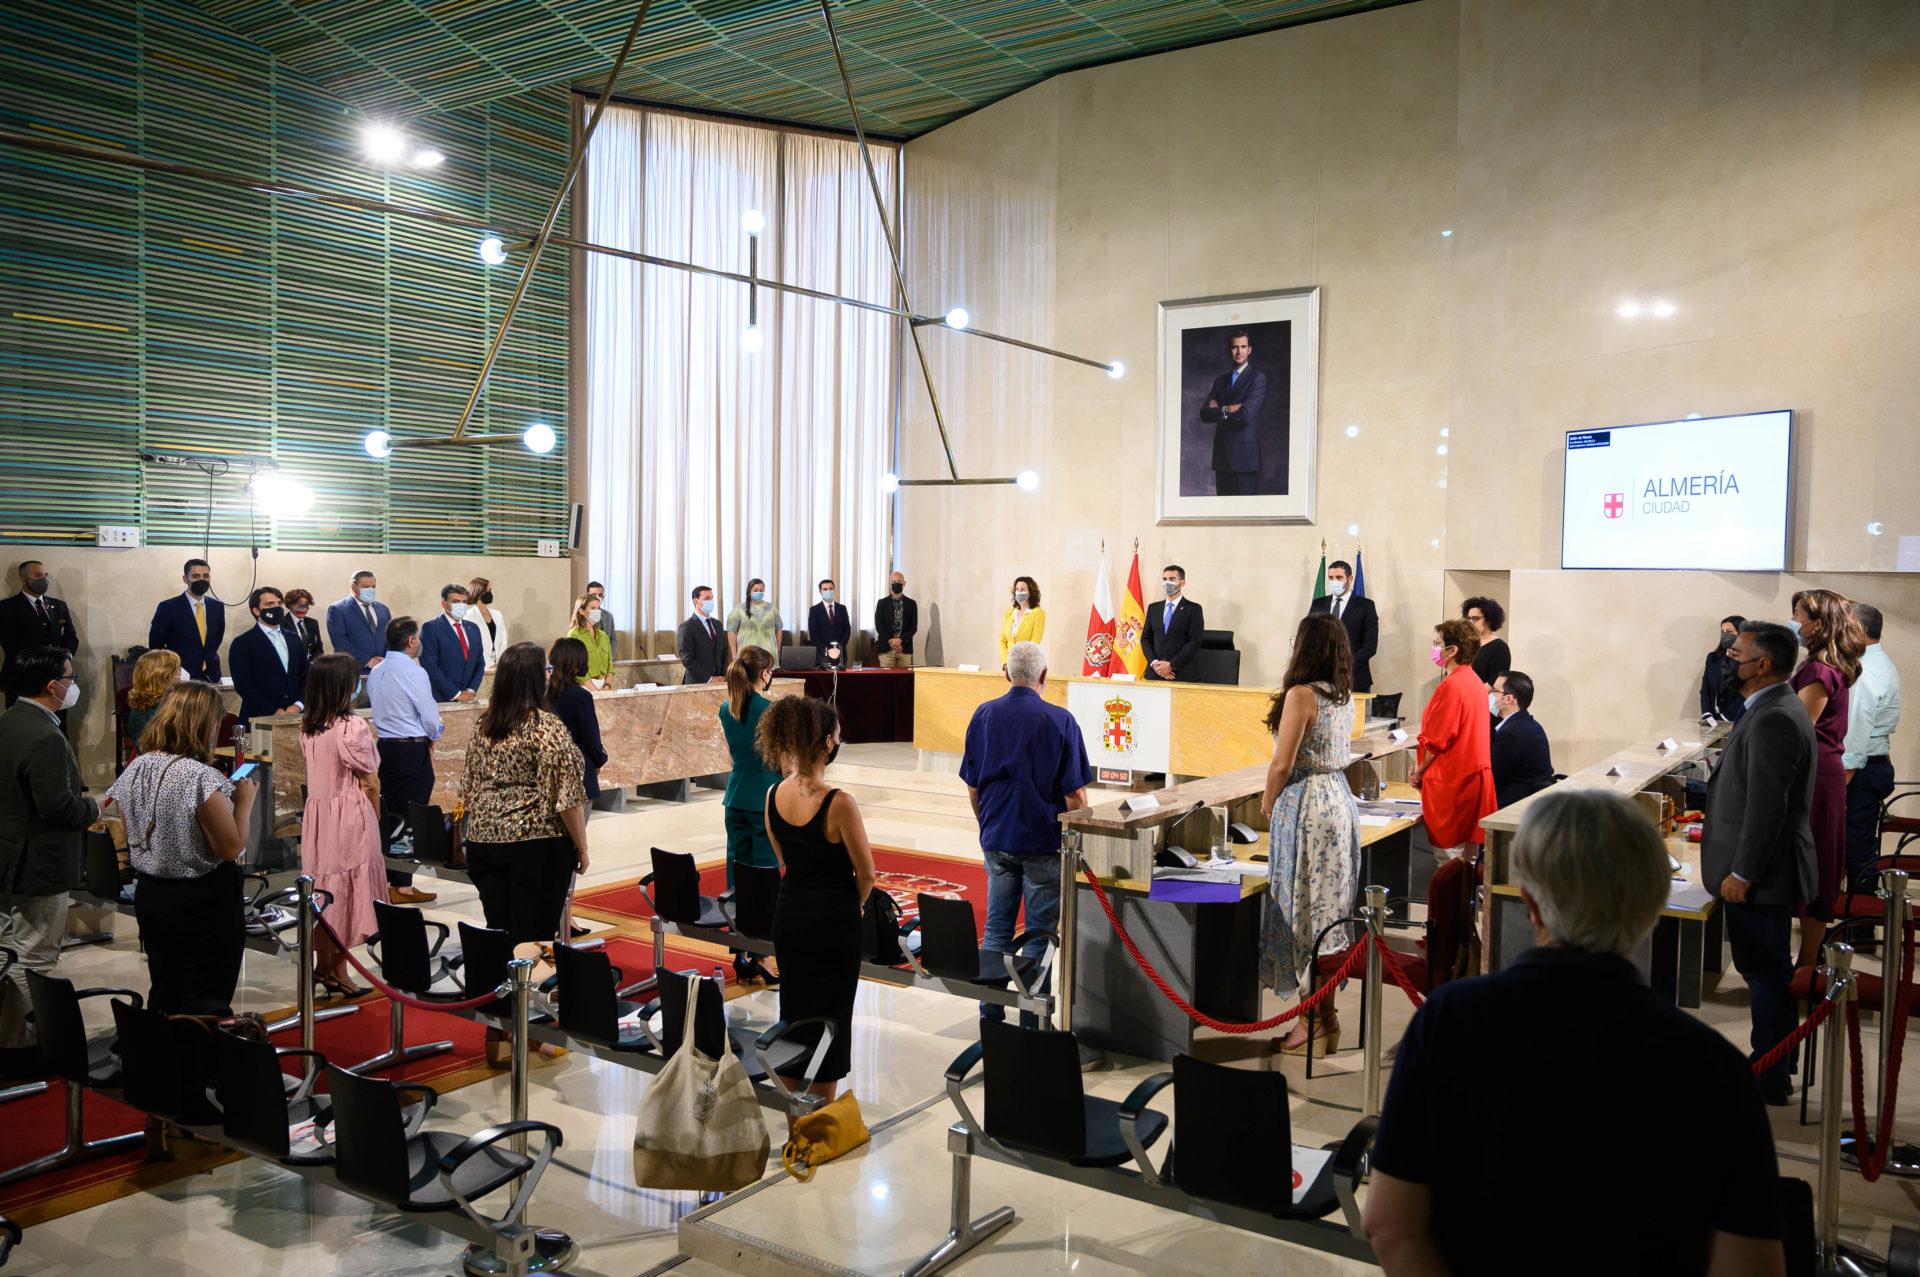 El Pleno aprueba la modificación de la Ordenanza de Feria con una rebaja del 75% en la tasa a los feriantes que se instalen en el recinto ferial